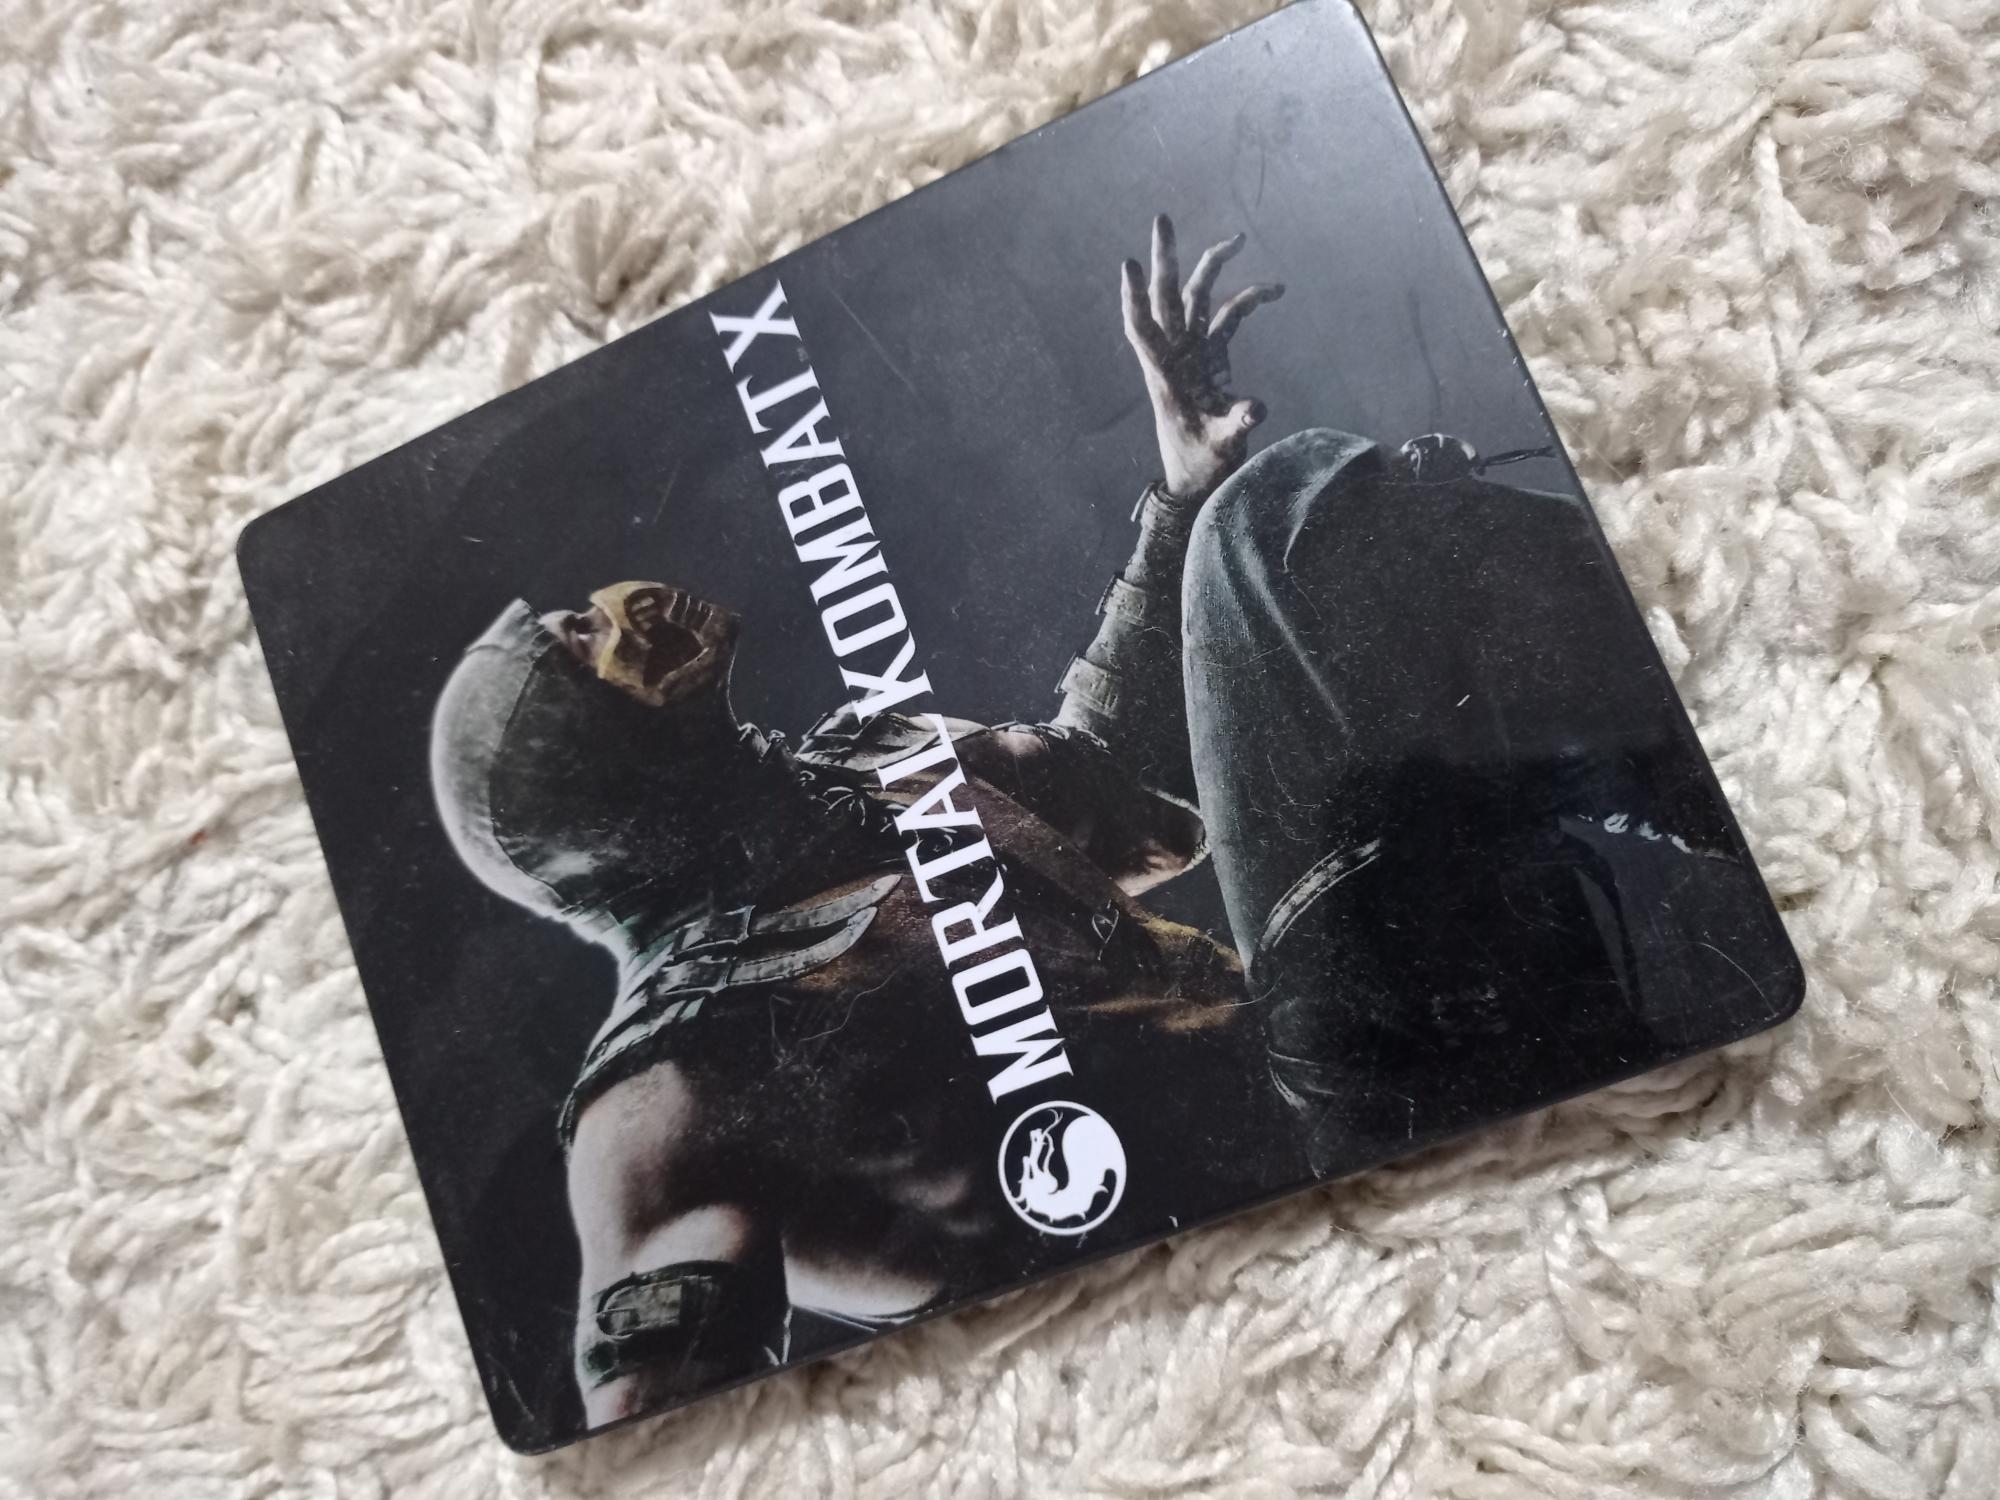 Mortal Kombat X коллекционное издание в Одинцово 89777251130 купить 1